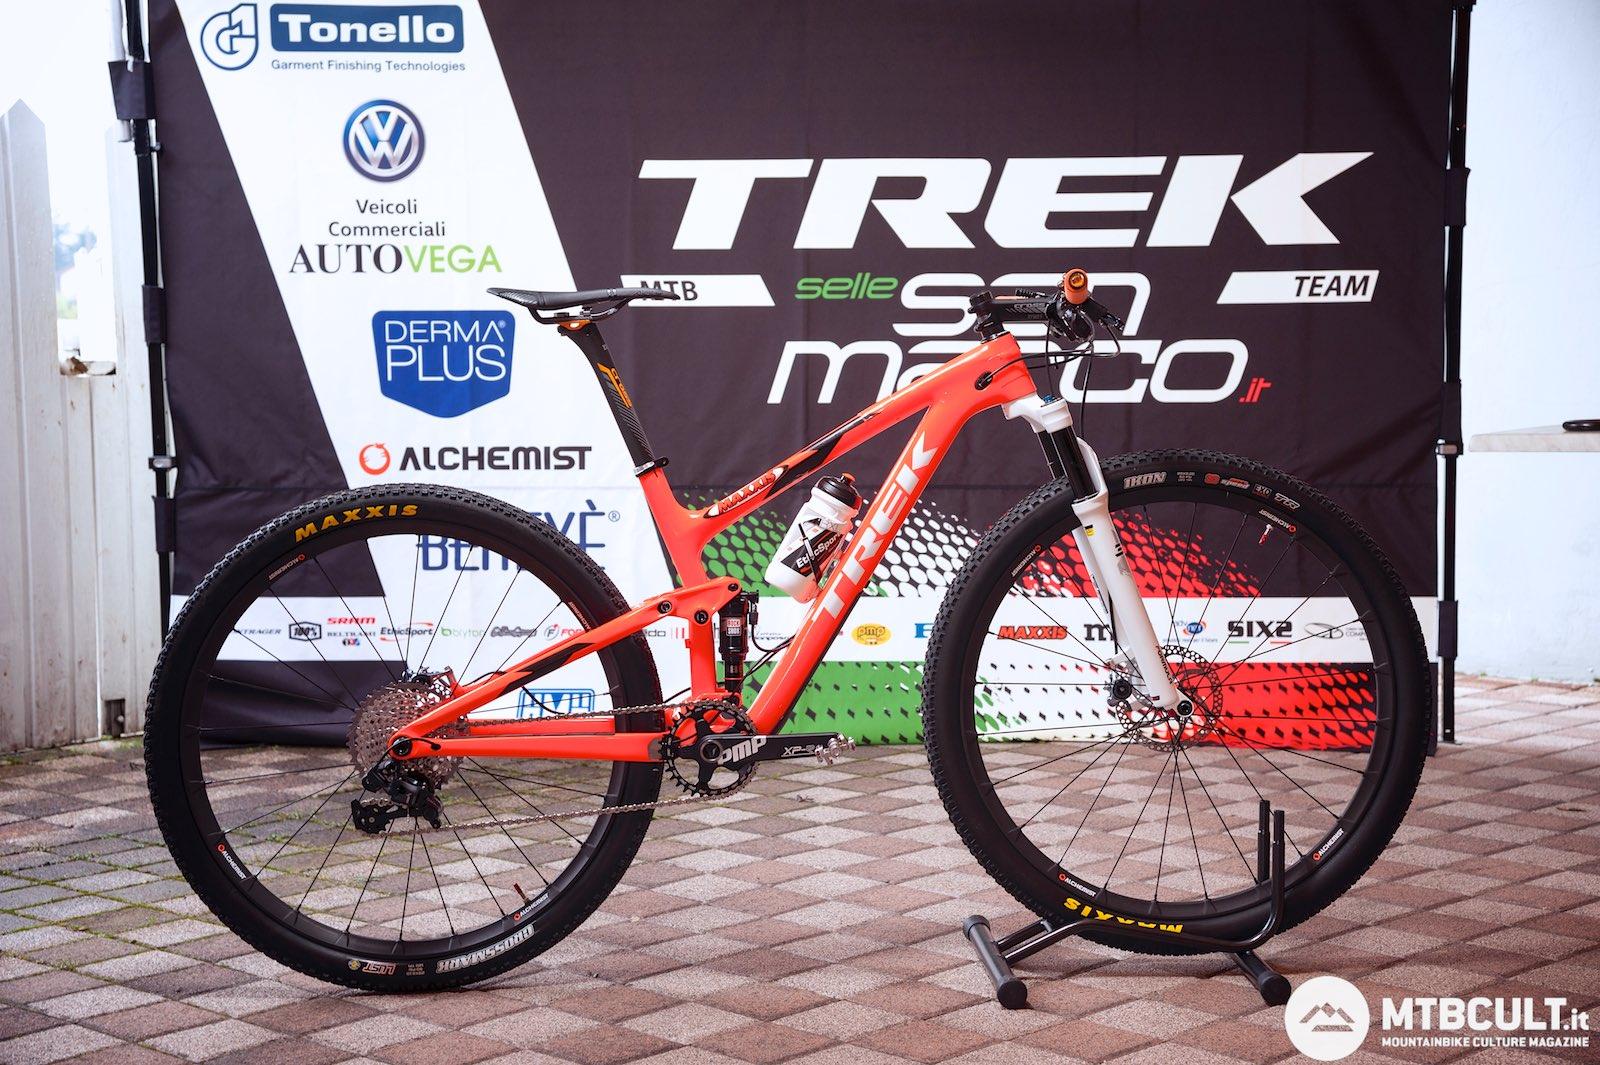 Svelato Il Team Trek Selle San Marco Bici E Obiettivi Per